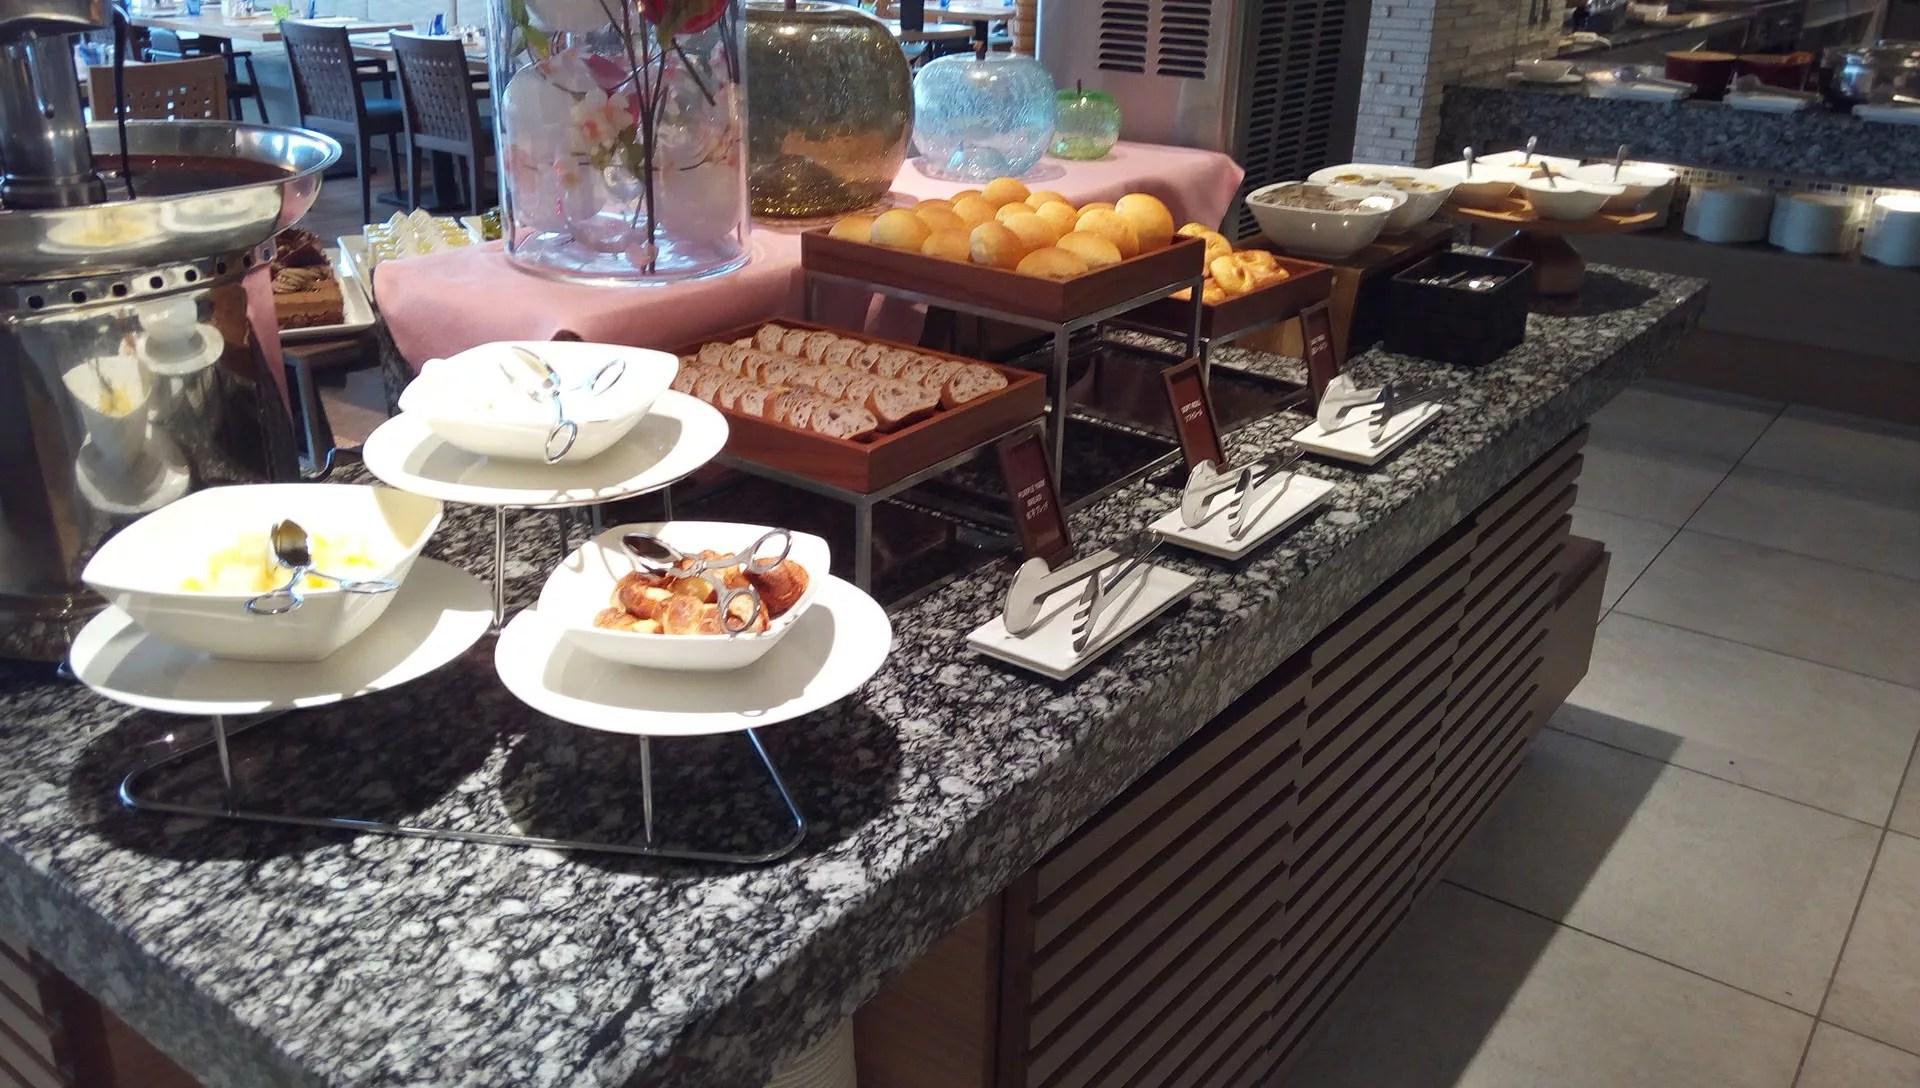 SURIYUNでの食べ放題のパン類